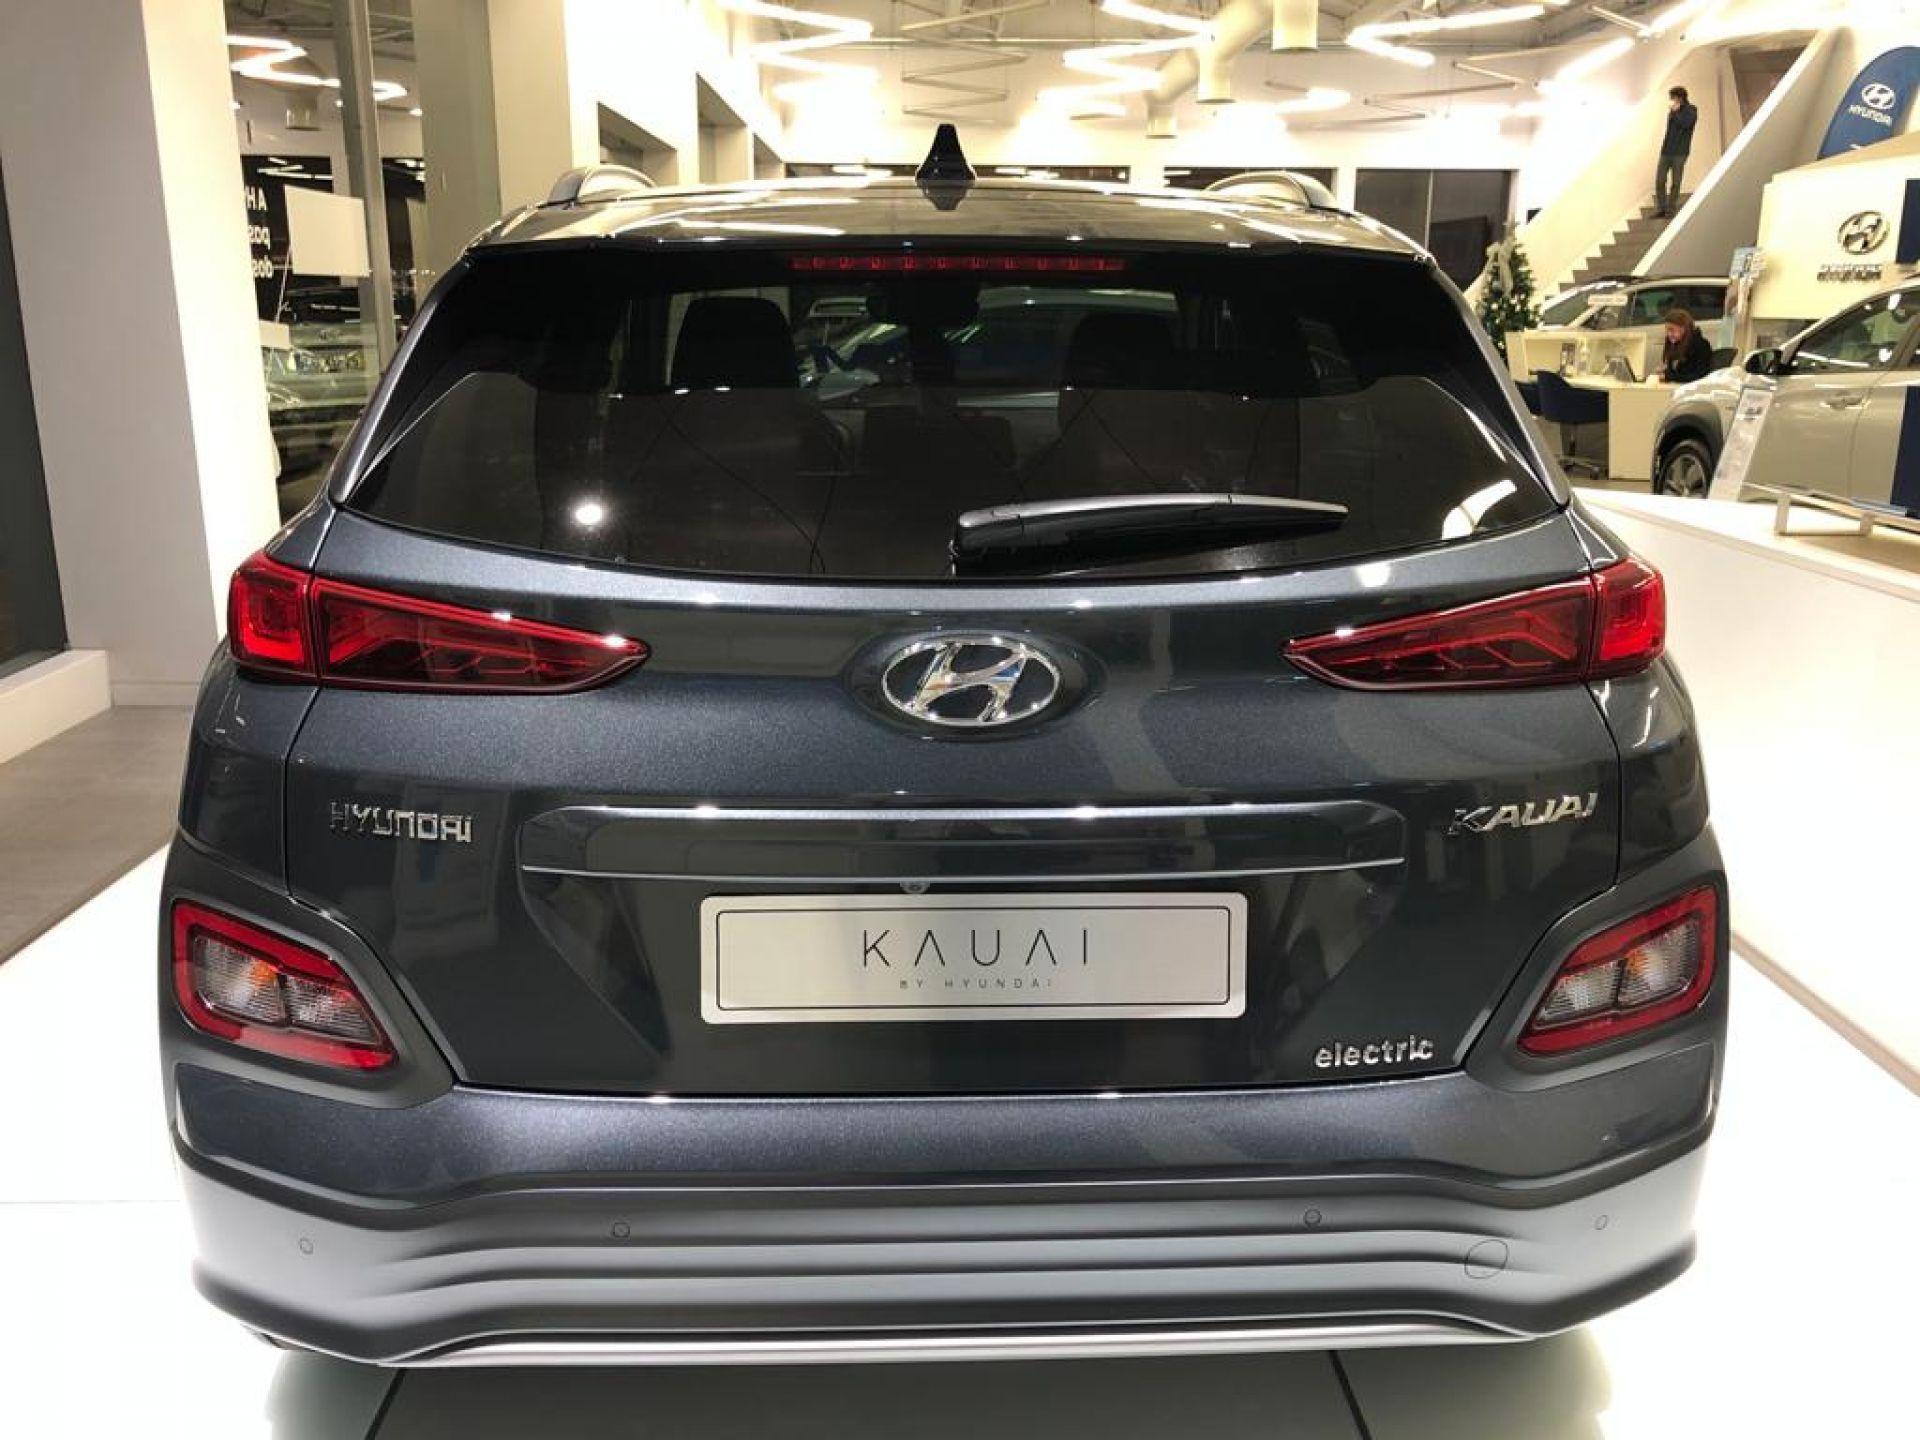 Hyundai Kauai Premium EV 64kw MY20'5 segunda mão Lisboa